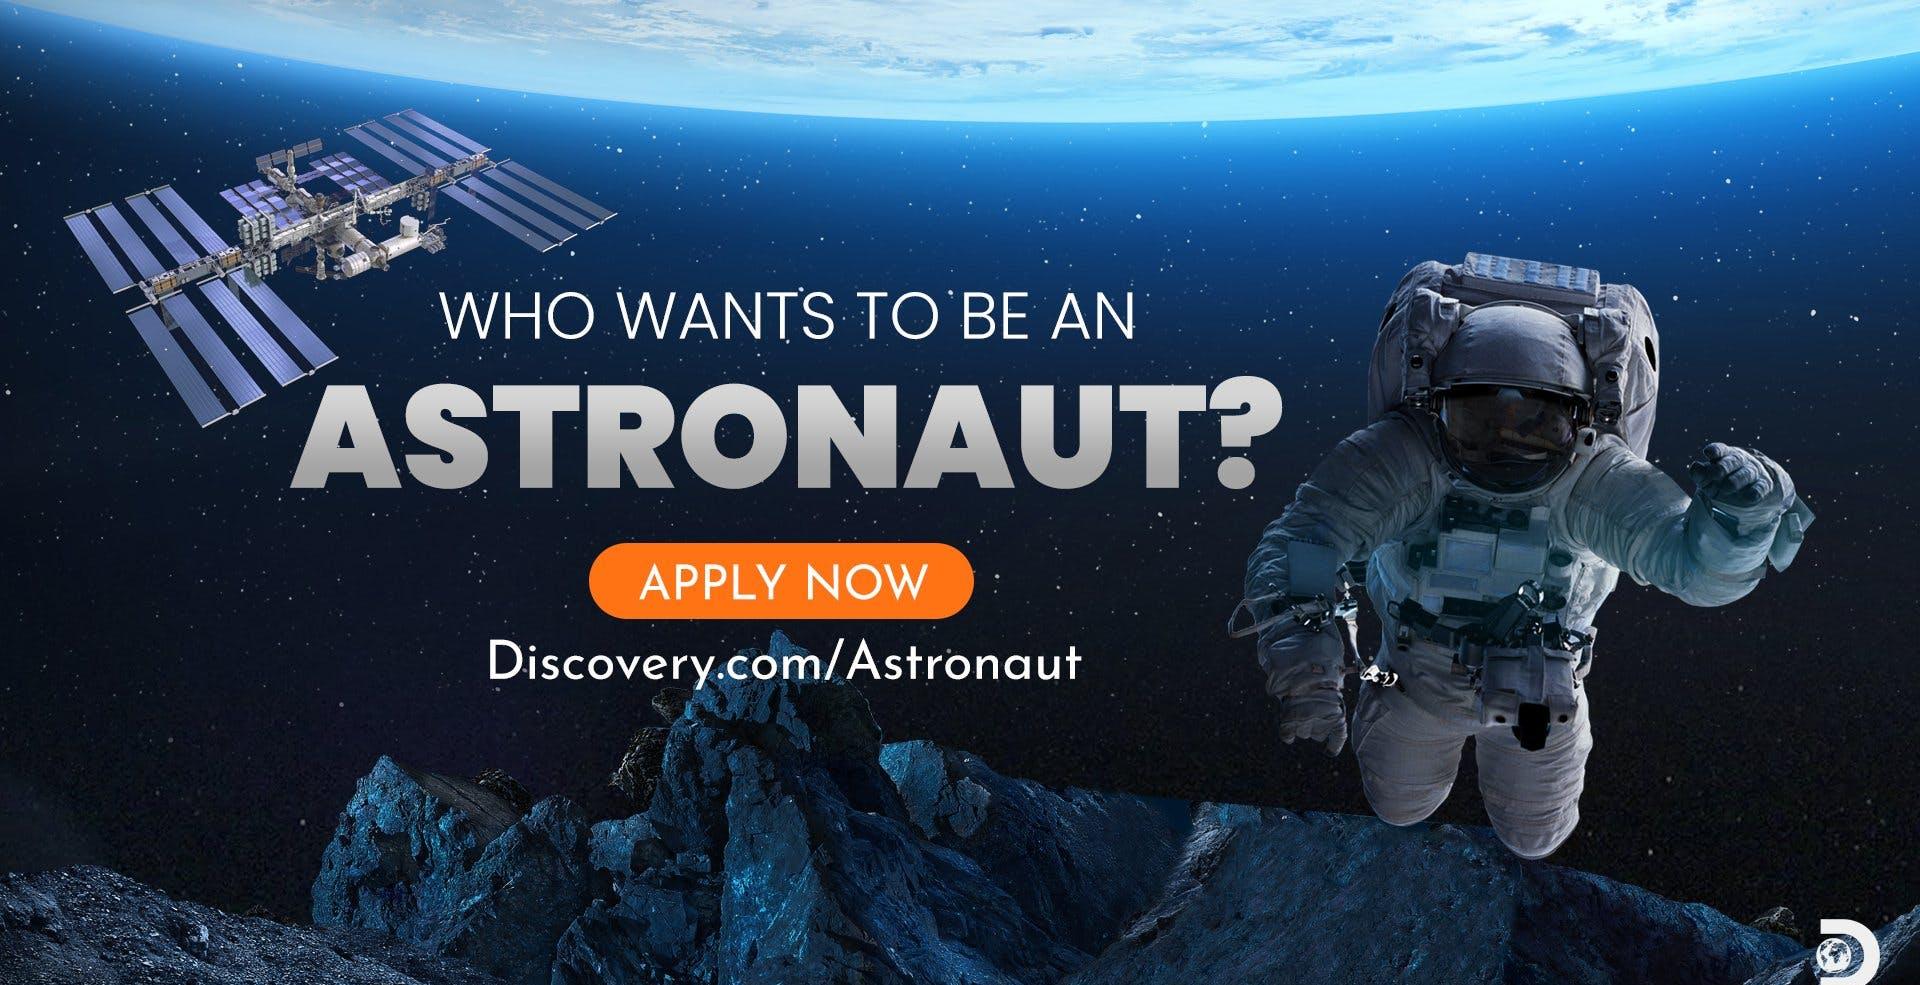 Chi vuol essere un Astronauta? Discovery lancia il reality per andare nello spazio